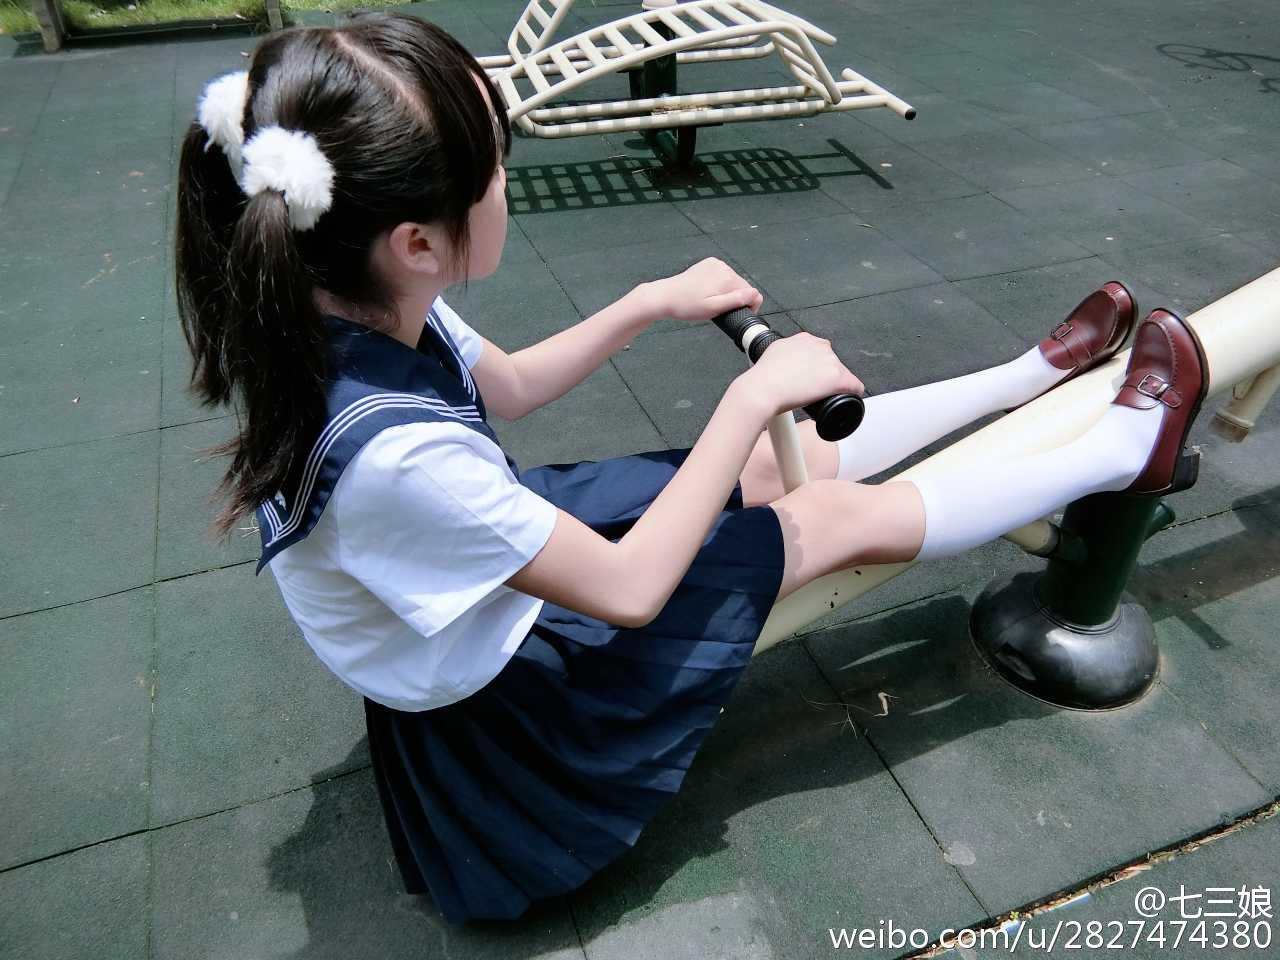 七三娘 今天的萌妹!!![doge]最后一张是动_美女福利图片(图7)